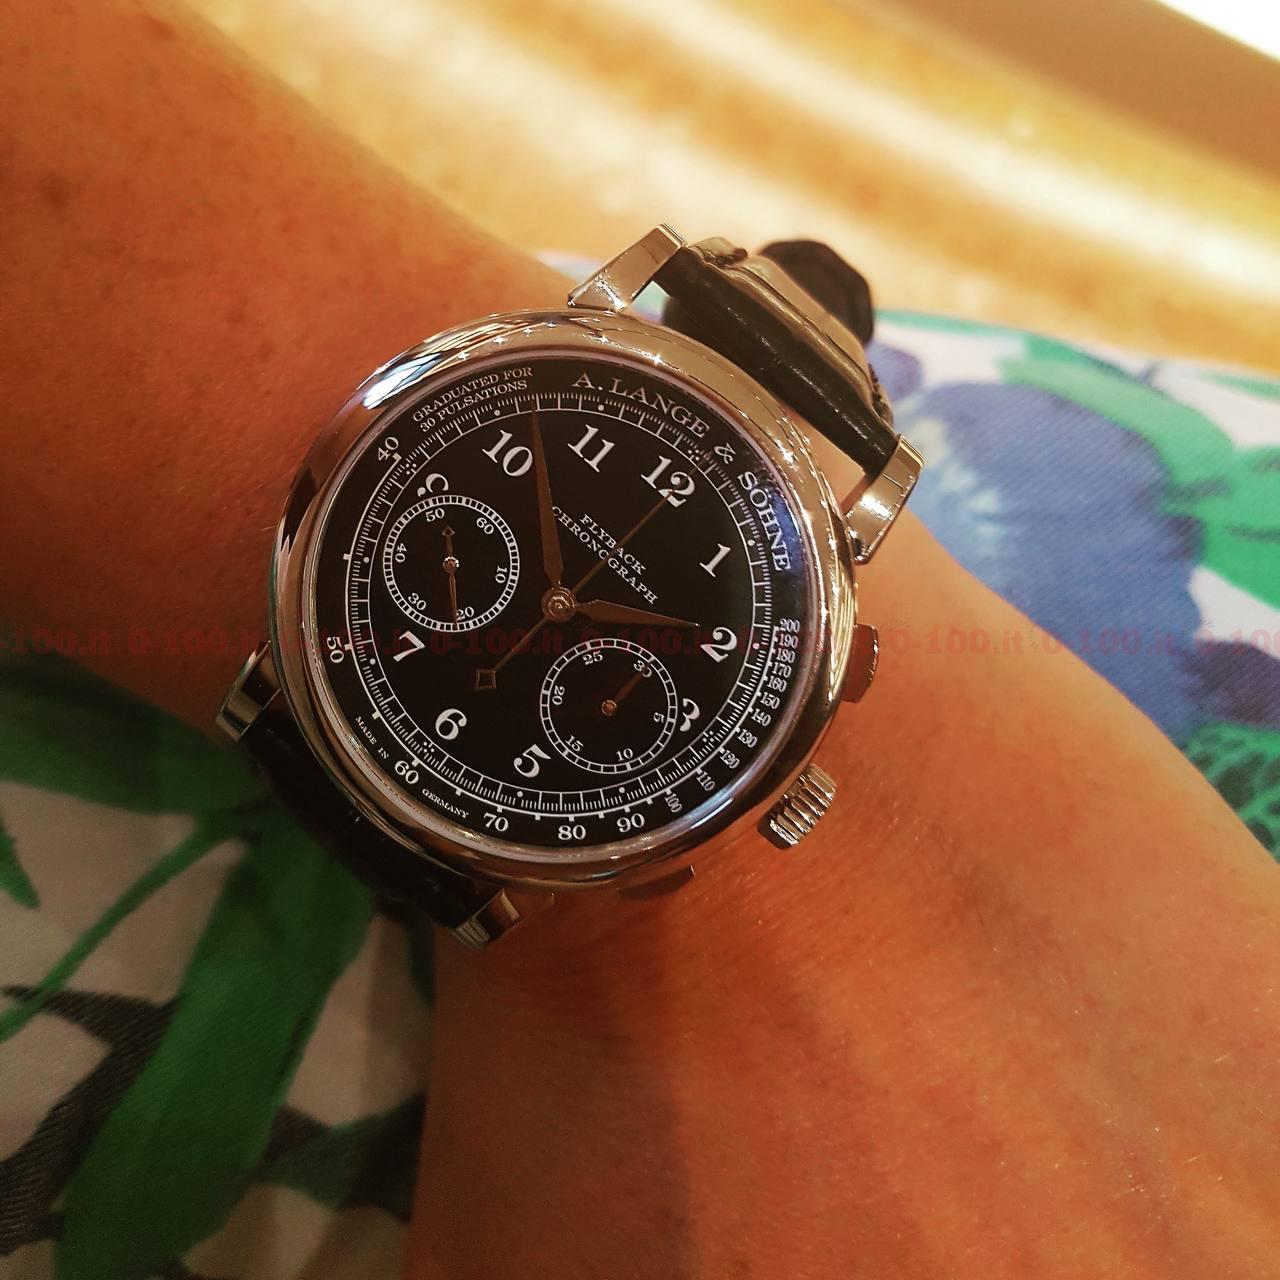 PRIMO CONTATTO A. Lange & Söhne 1815 cronografo_prezzo_price_0-1002